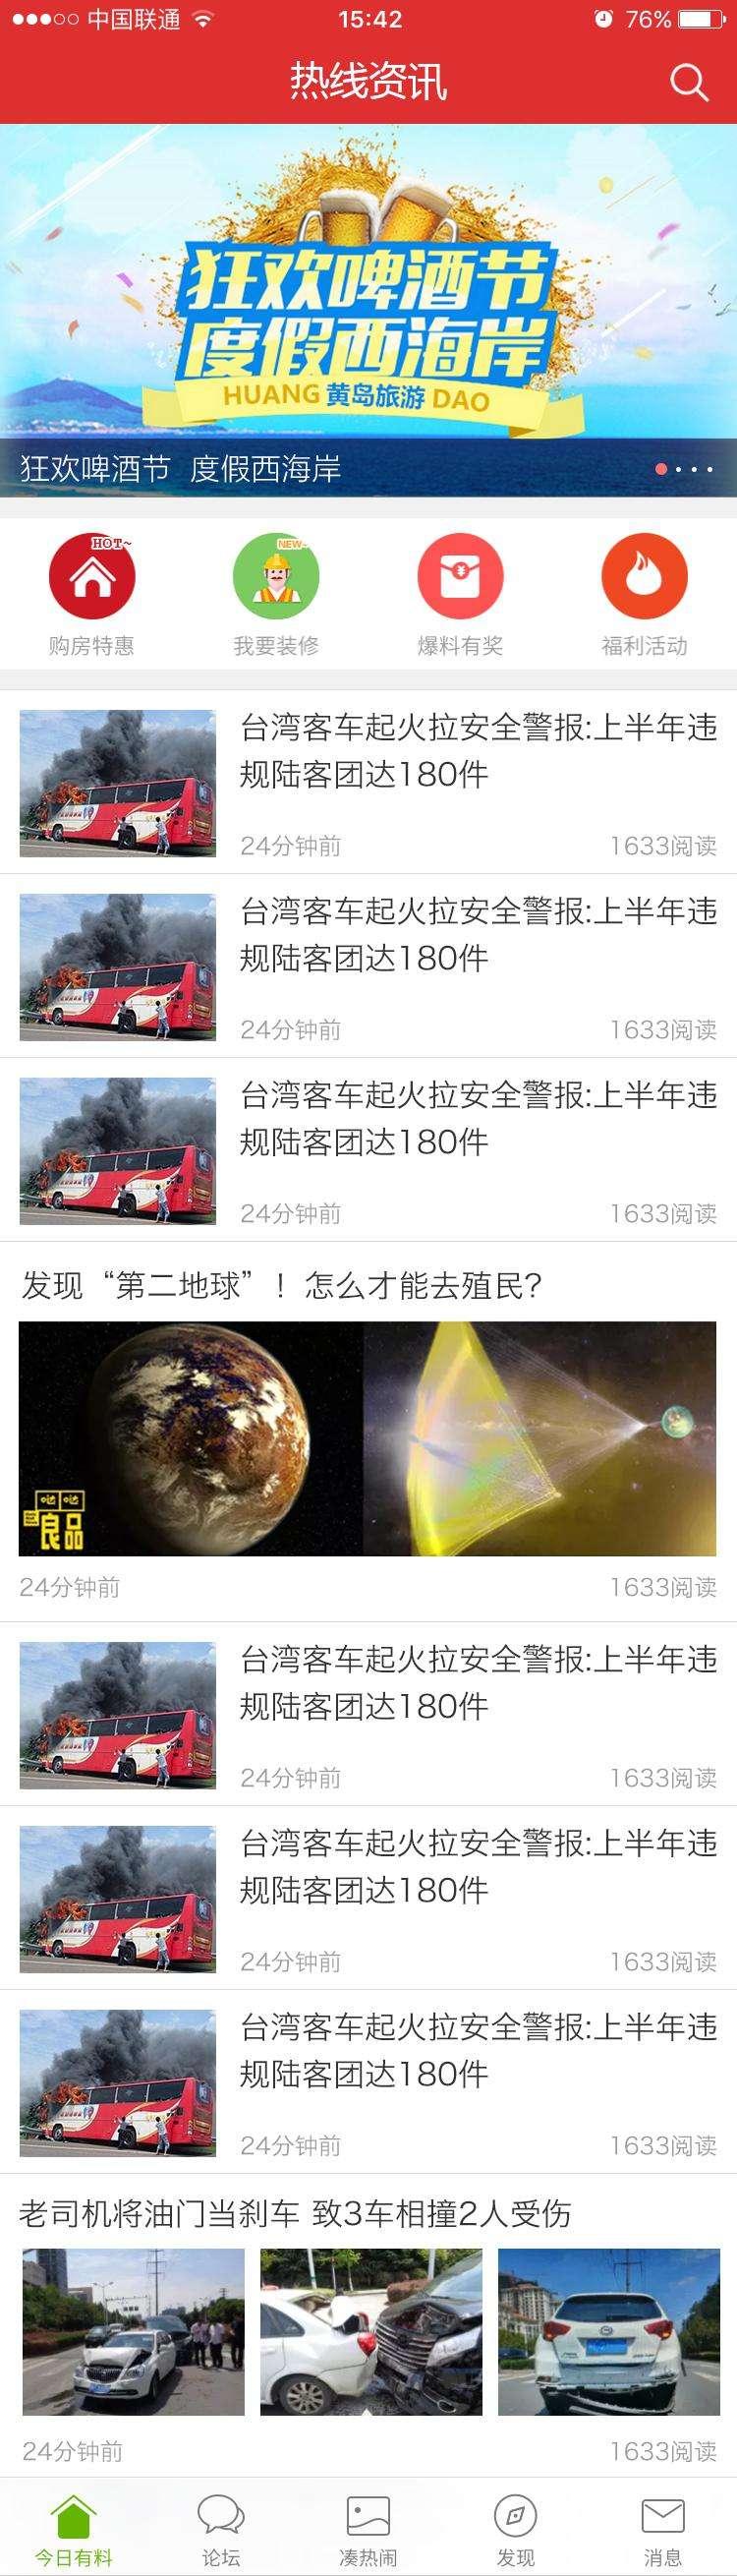 红色的新闻资讯手机APP界面设计模板